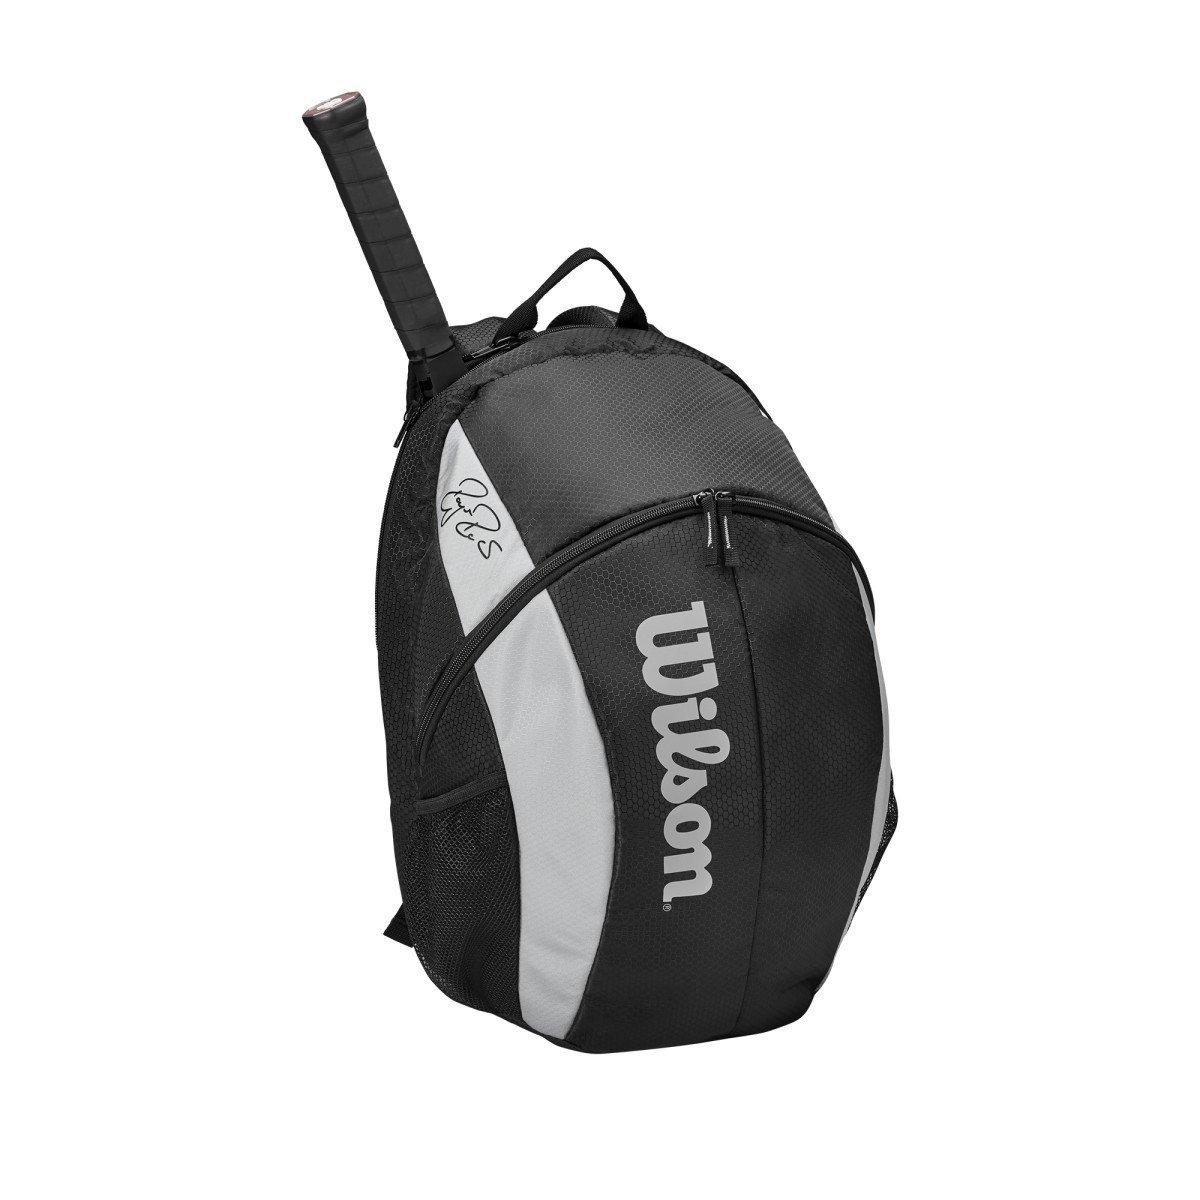 Wilson Tennis Backpack – Roger Federer Team